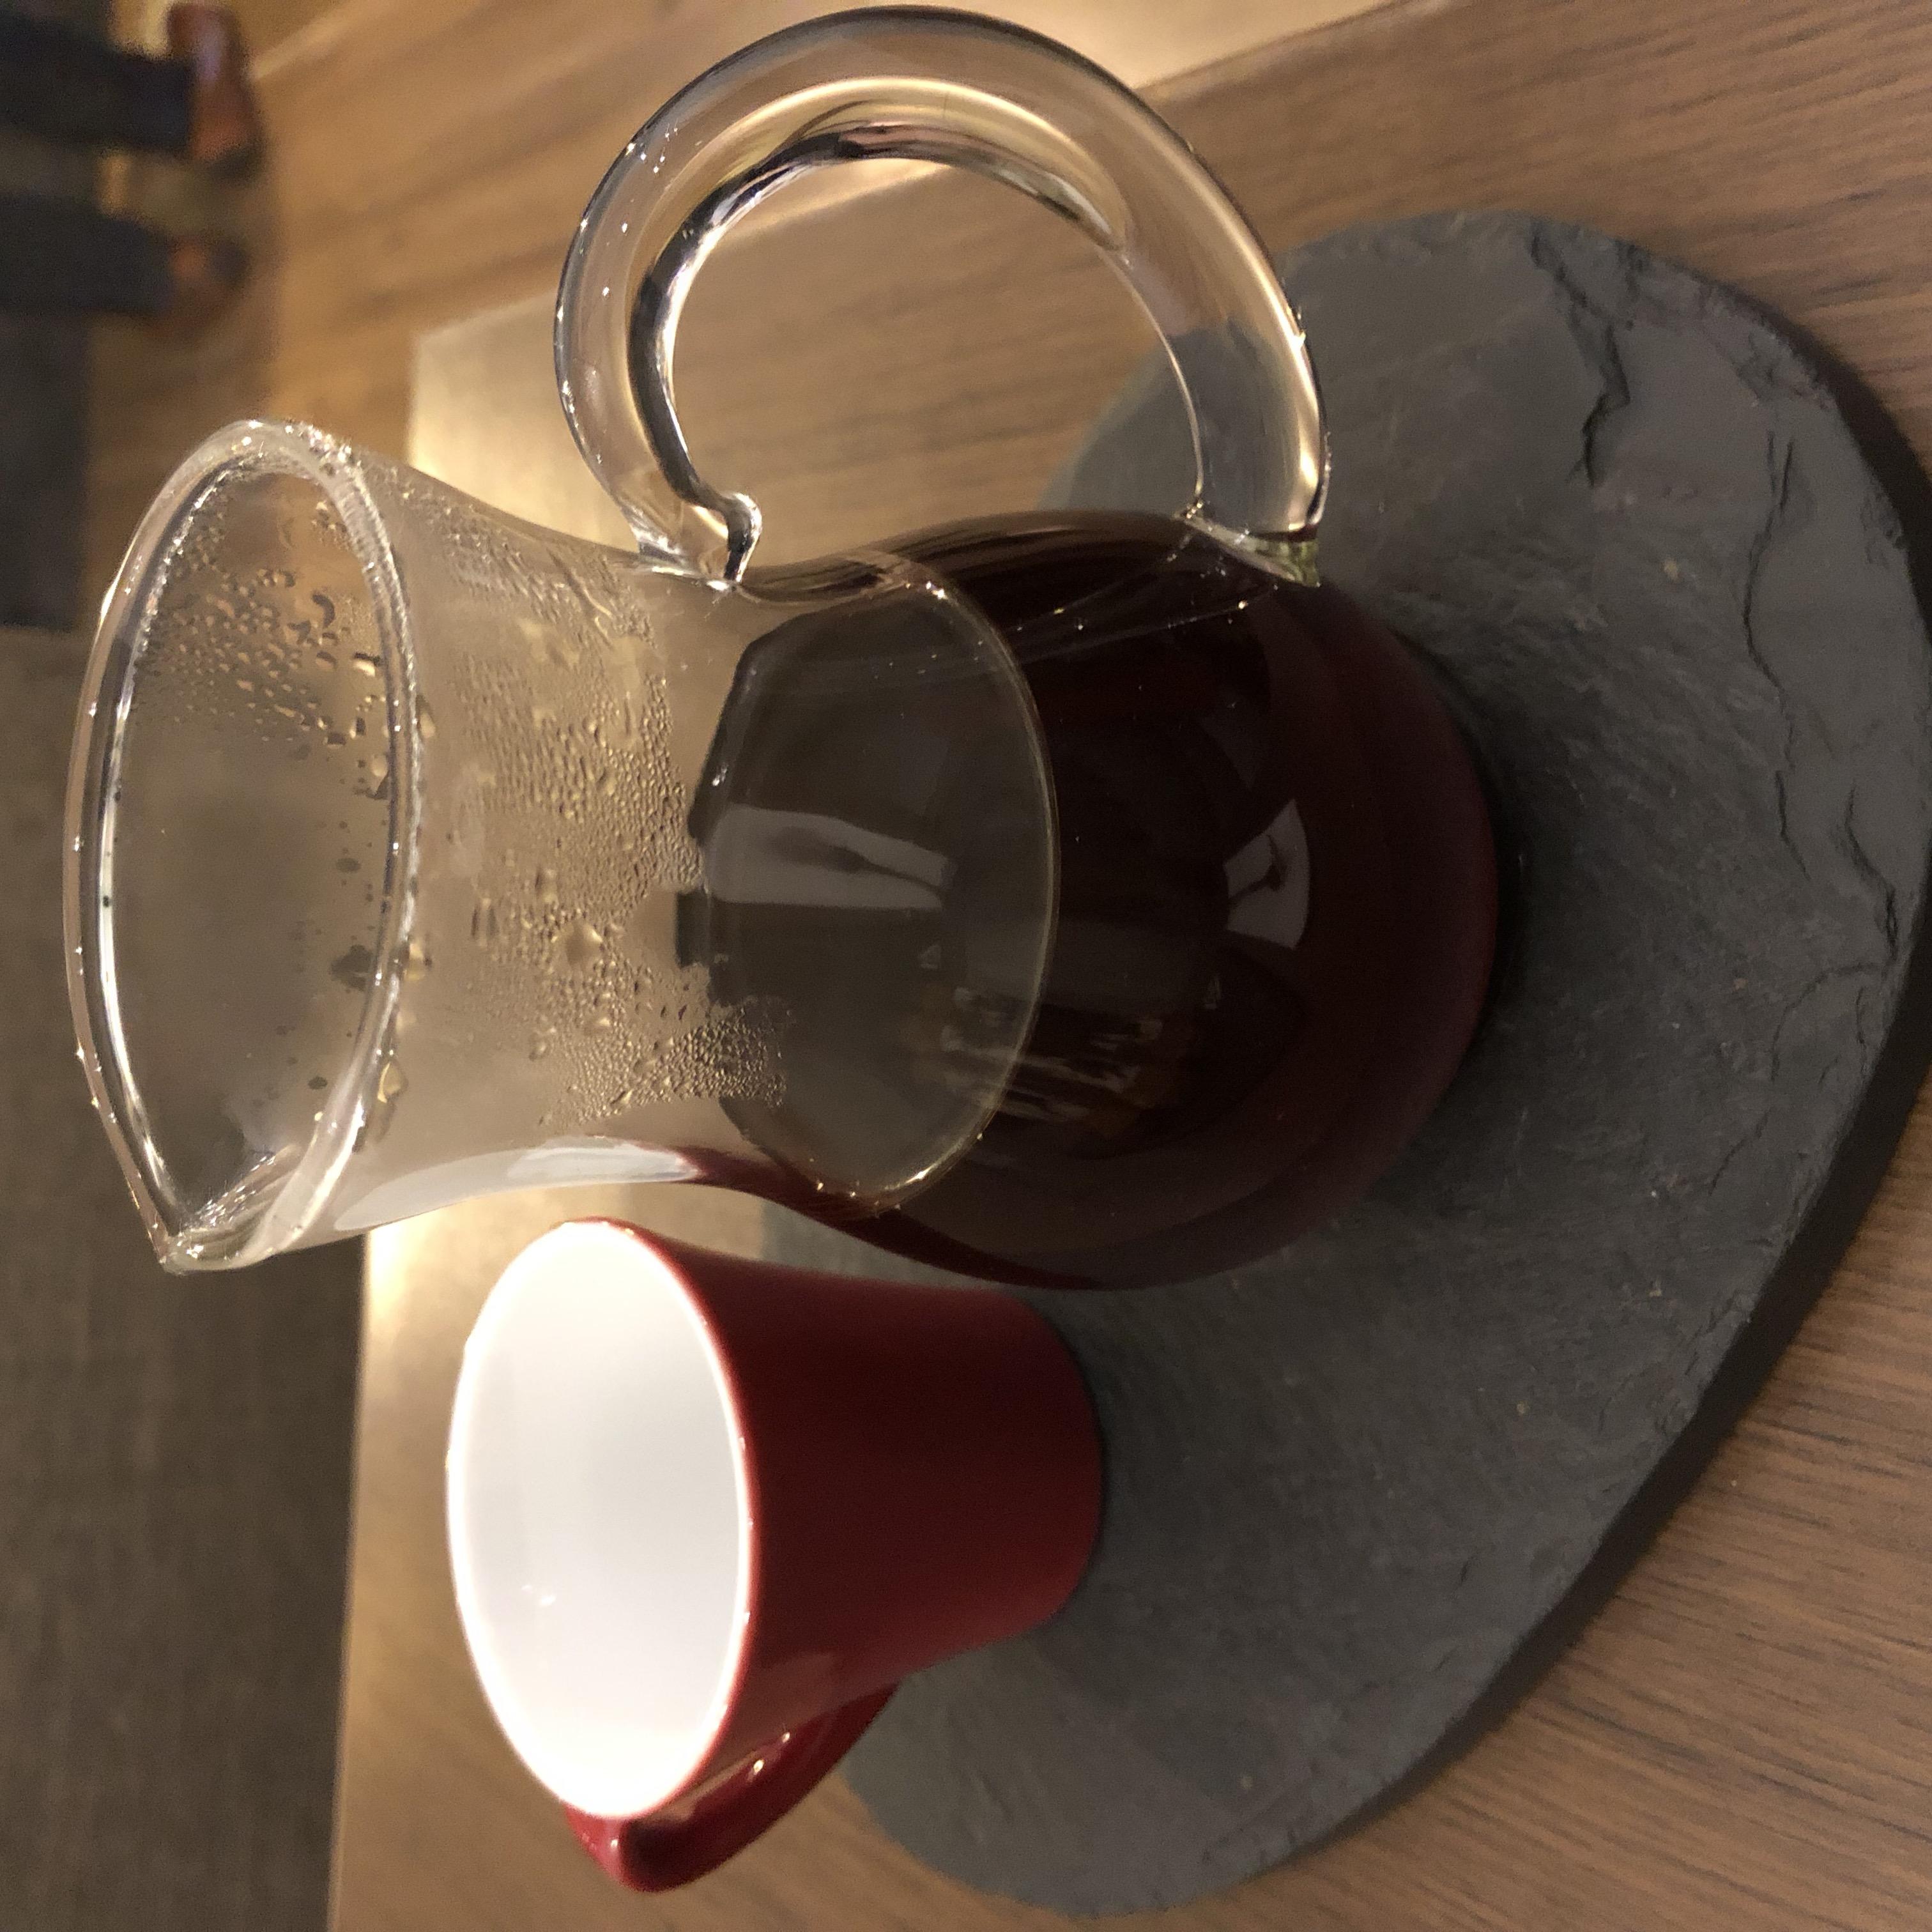 4MANO Caffe | Taipei, Taiwan